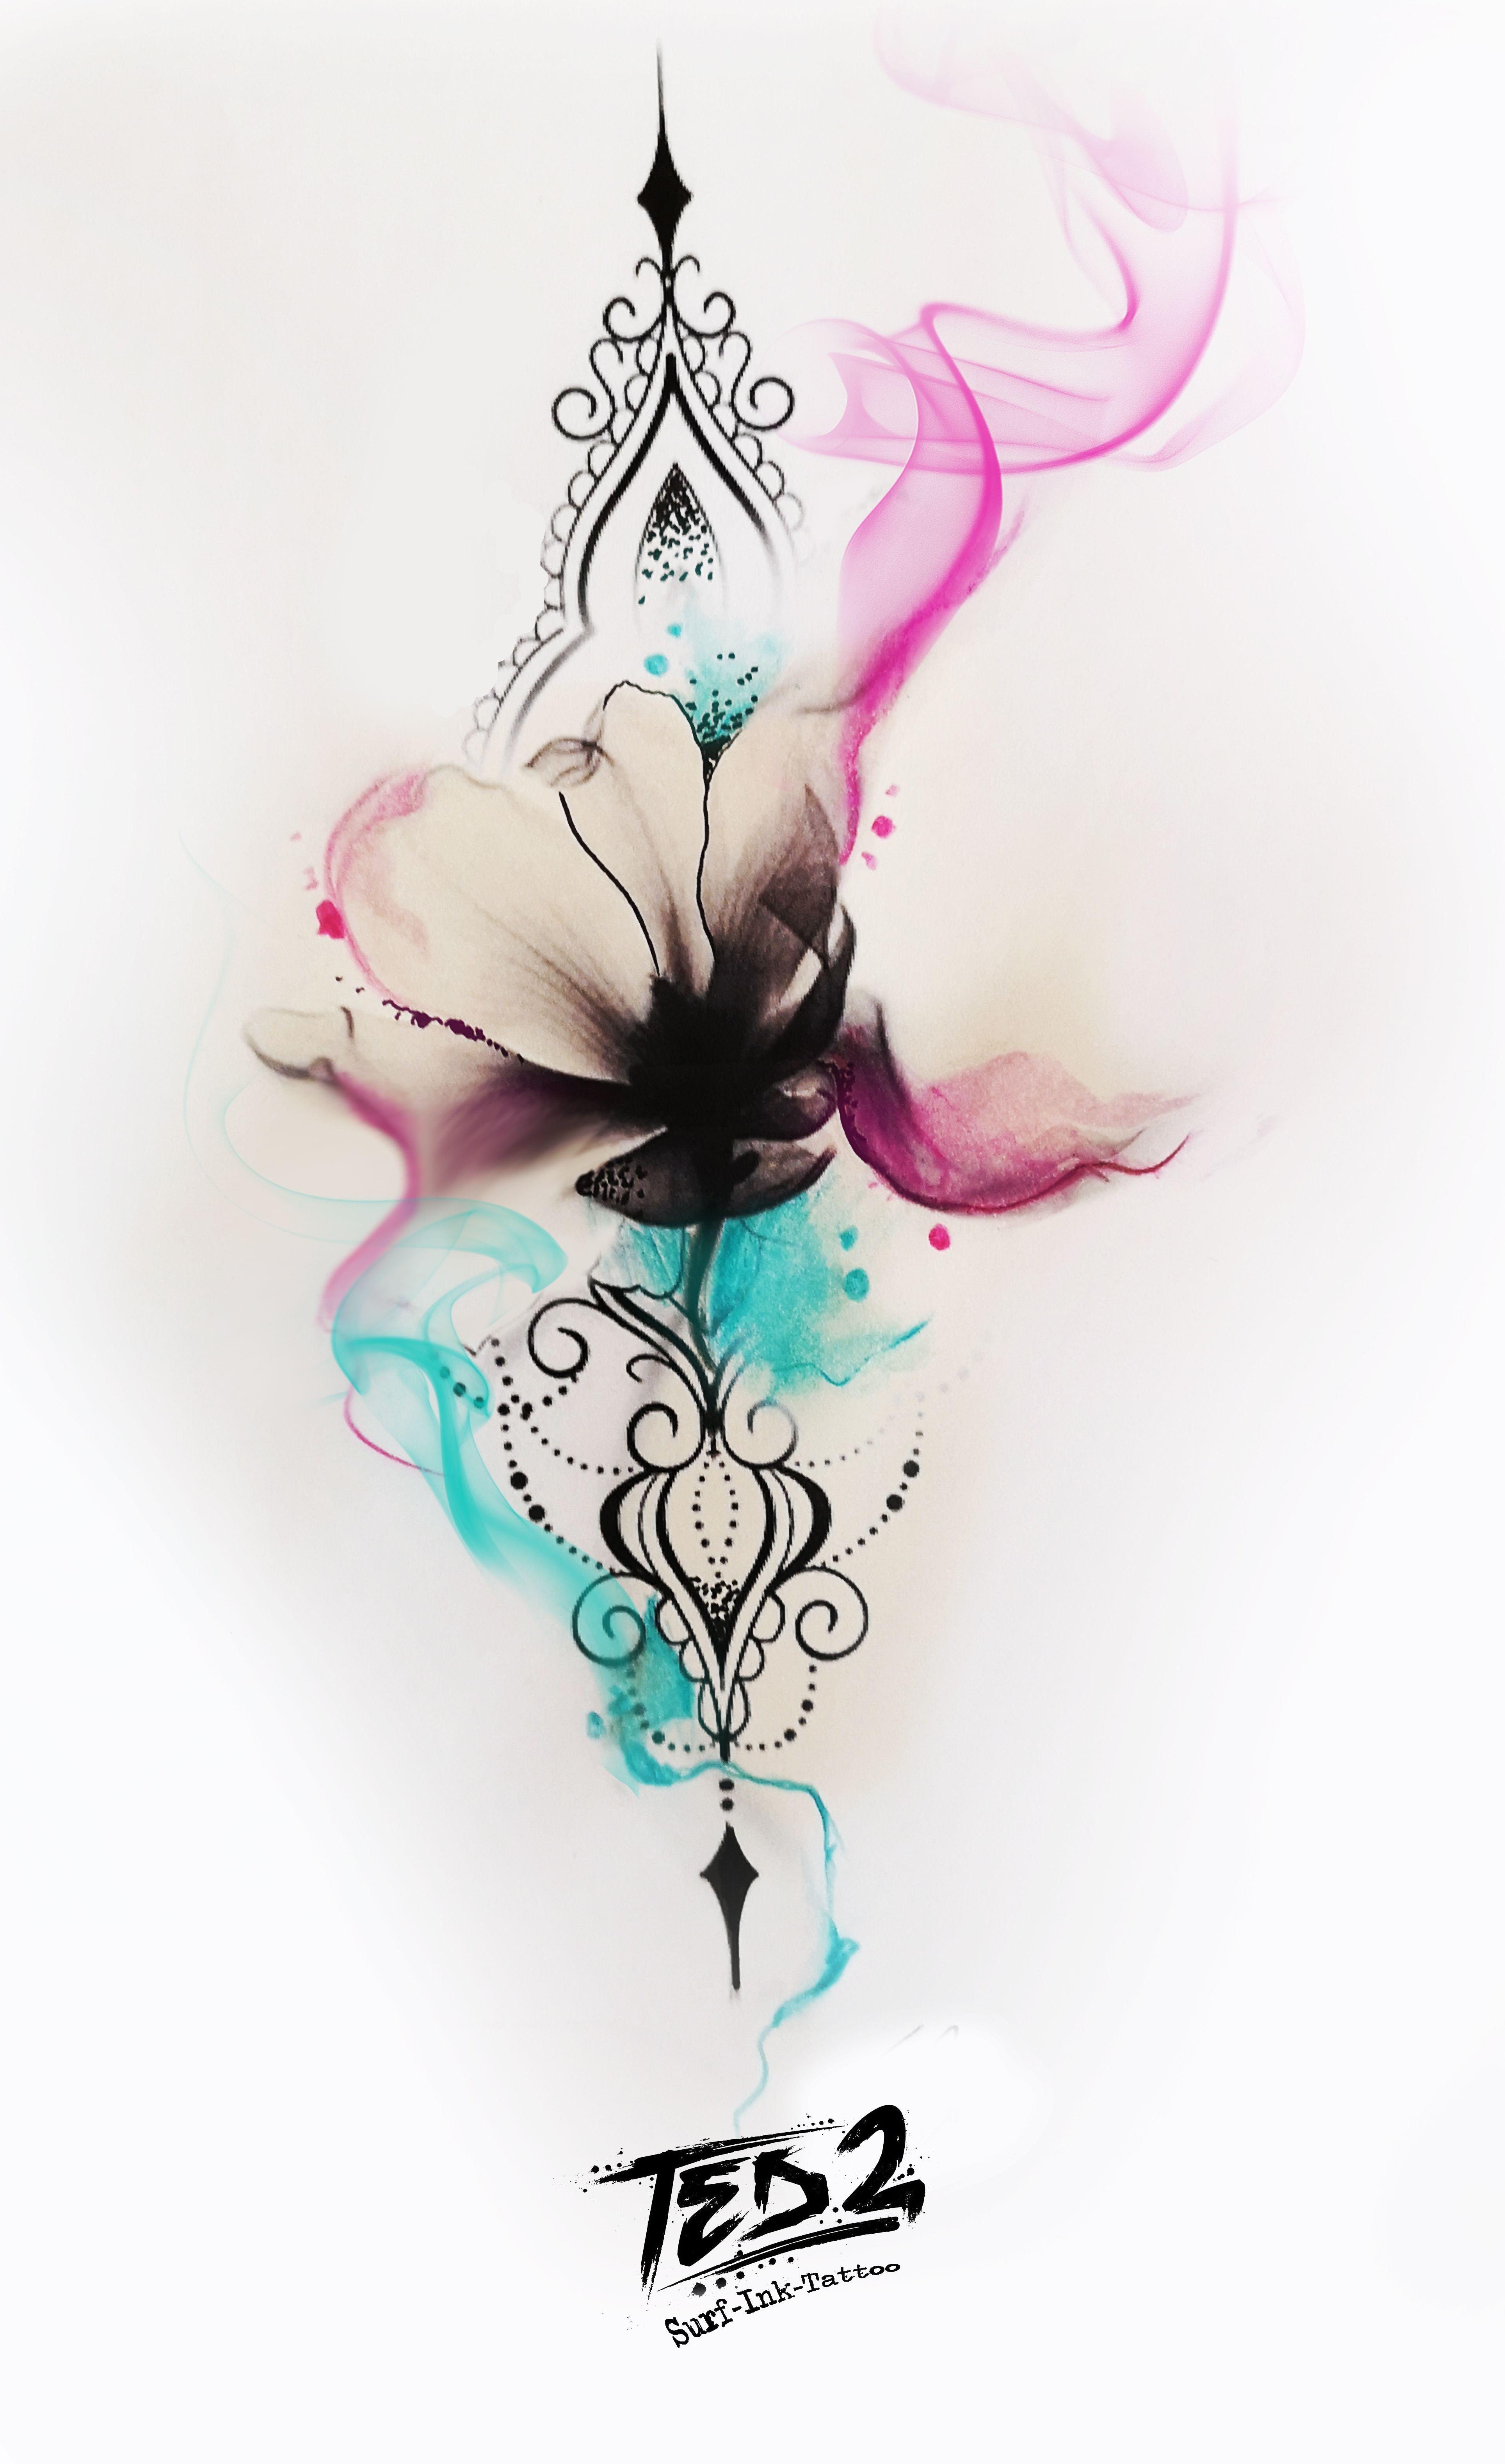 Tattoo Design Tattoo Girl Tattoo Tattoo Flash Tattoo Flower Design